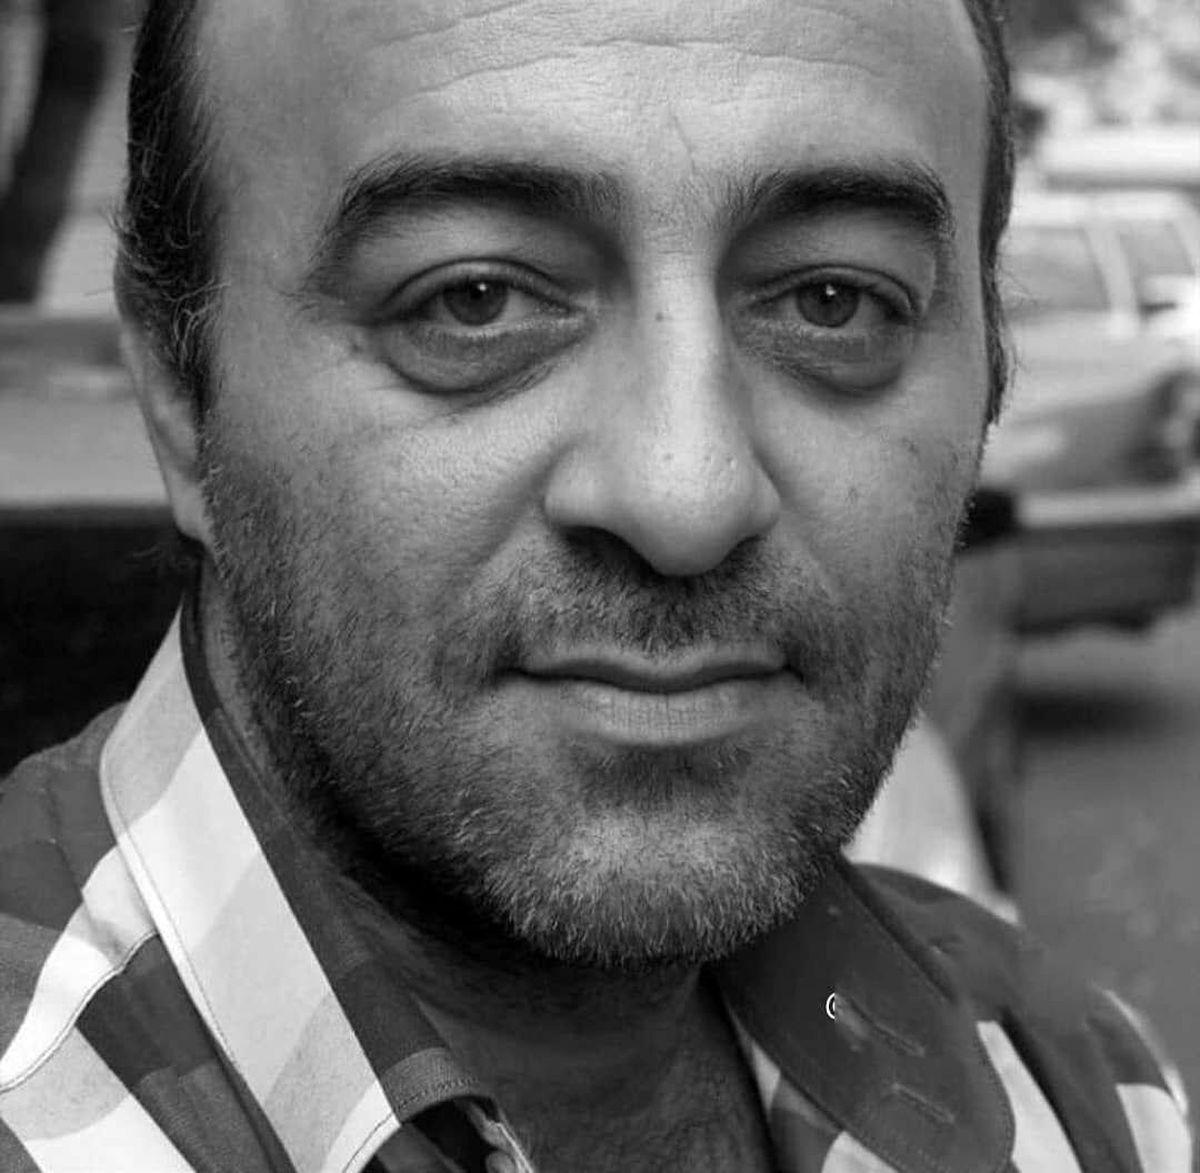 محمد علیزاده در تبریز فوت کرد